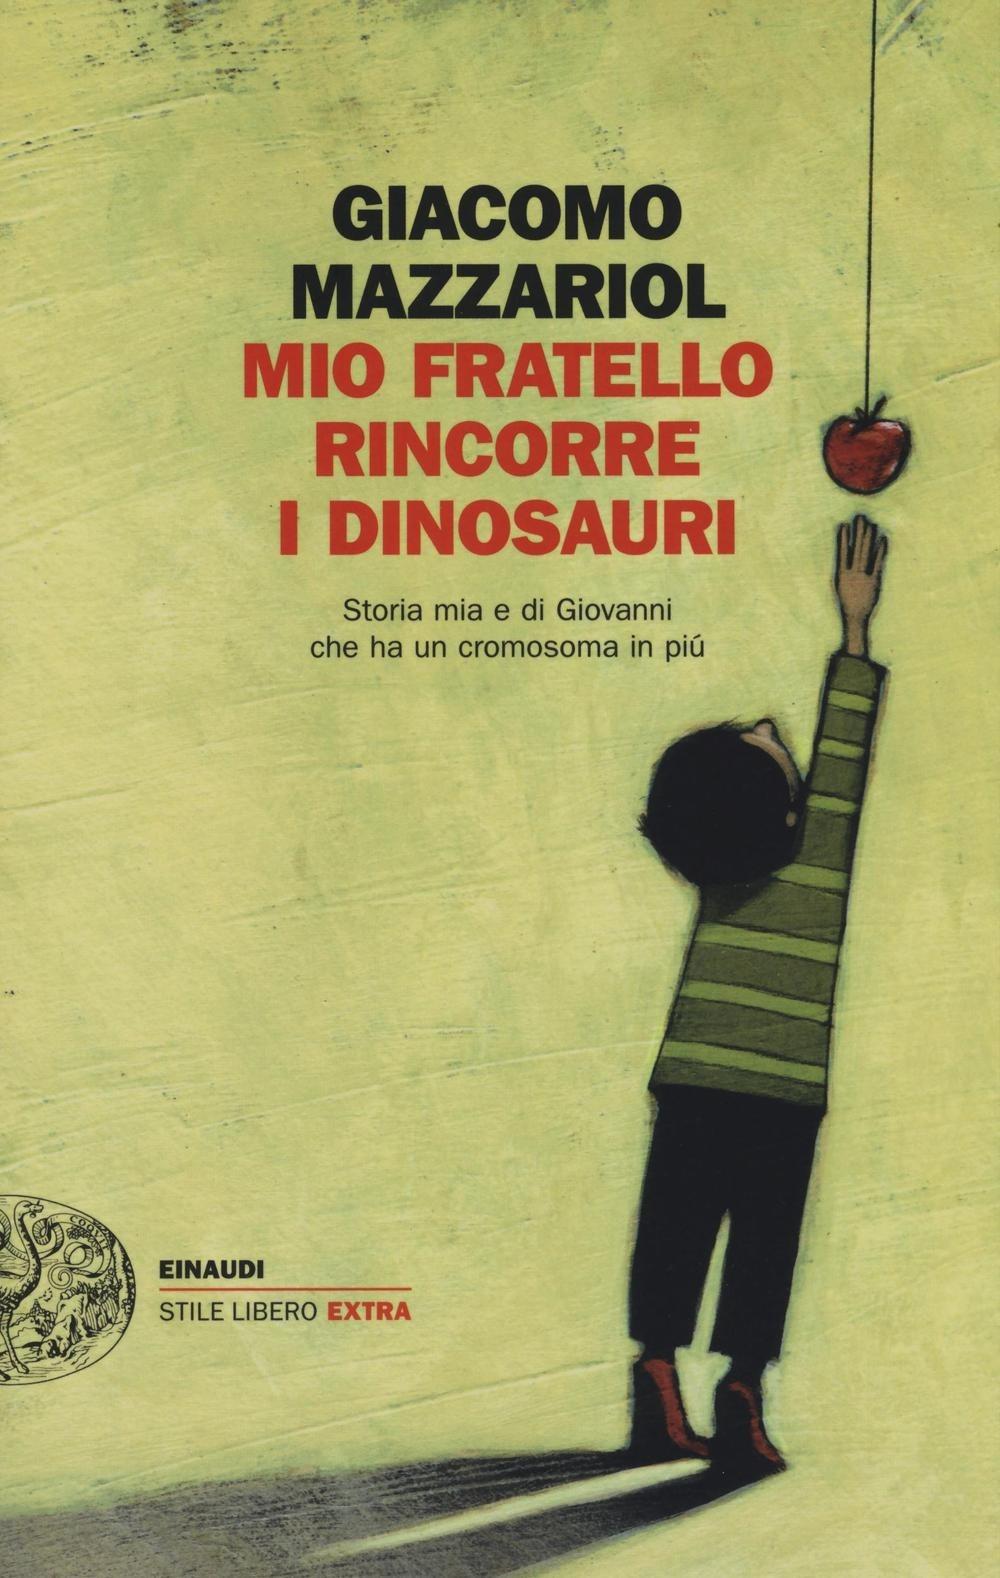 copertina-mio-fratello-rincorre-i-dinosauri